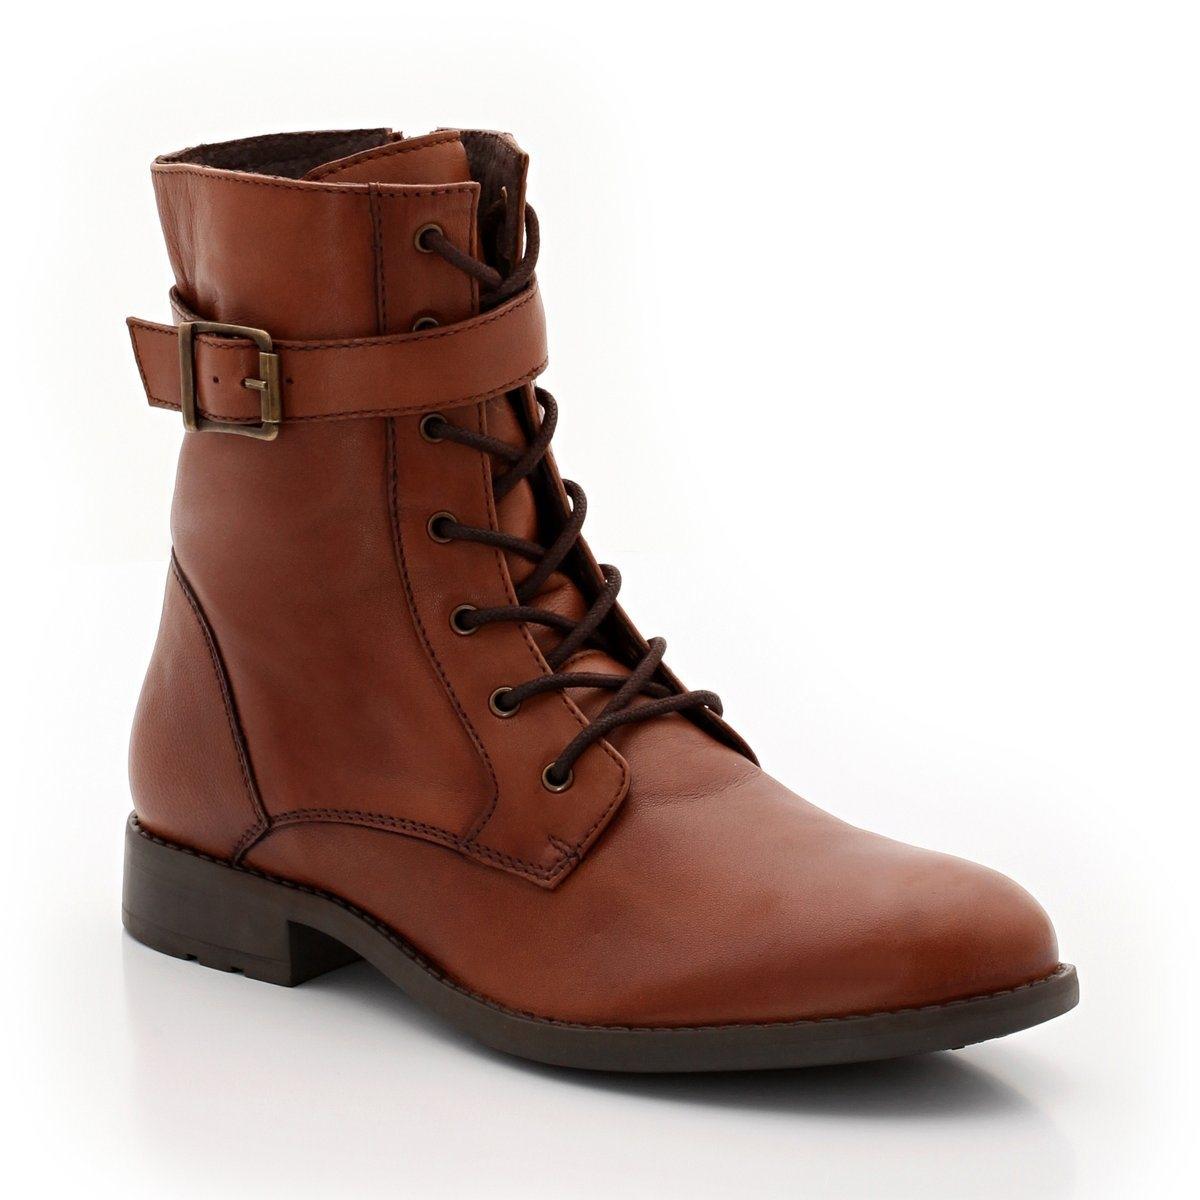 Ботинки кожаные со шнуровкойЭто модель для широкой стопы, поэтому мы советуем вам заказать ее на размер меньше вашего обычного размера.<br><br>Цвет: карамель,черный<br>Размер: 33.26.29